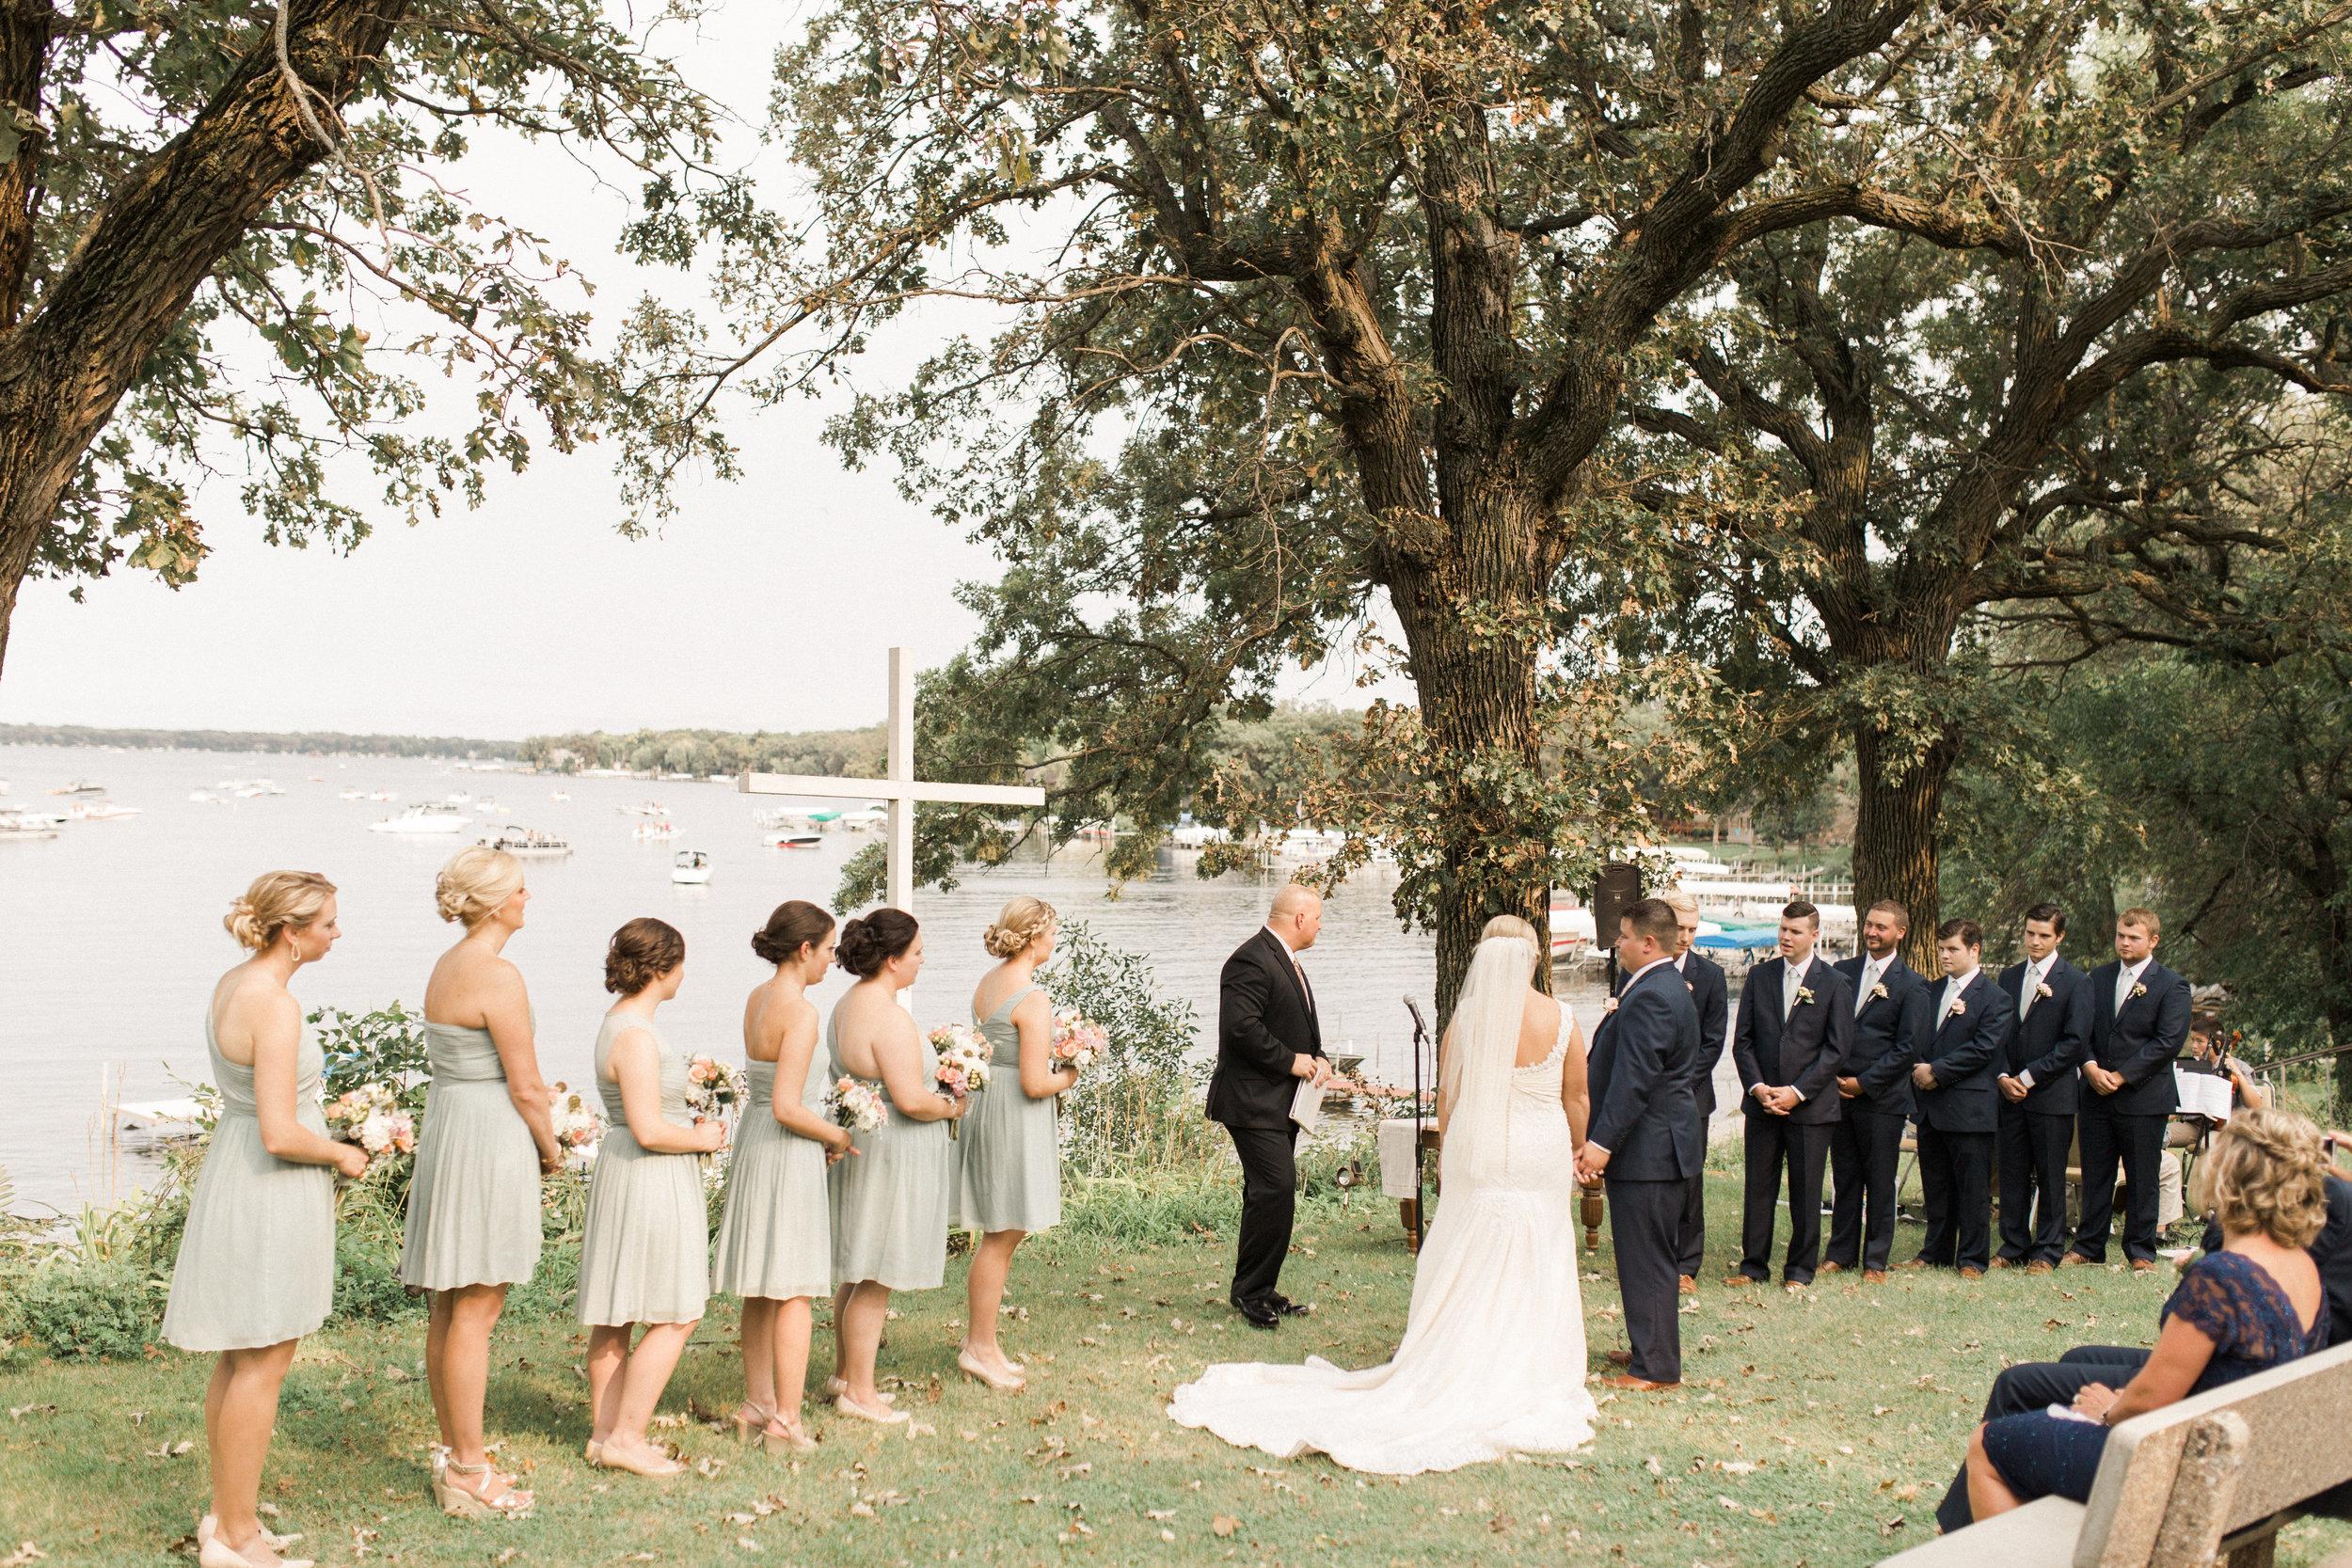 lakeside-ceremony-okoboji-iowa-bridal-party